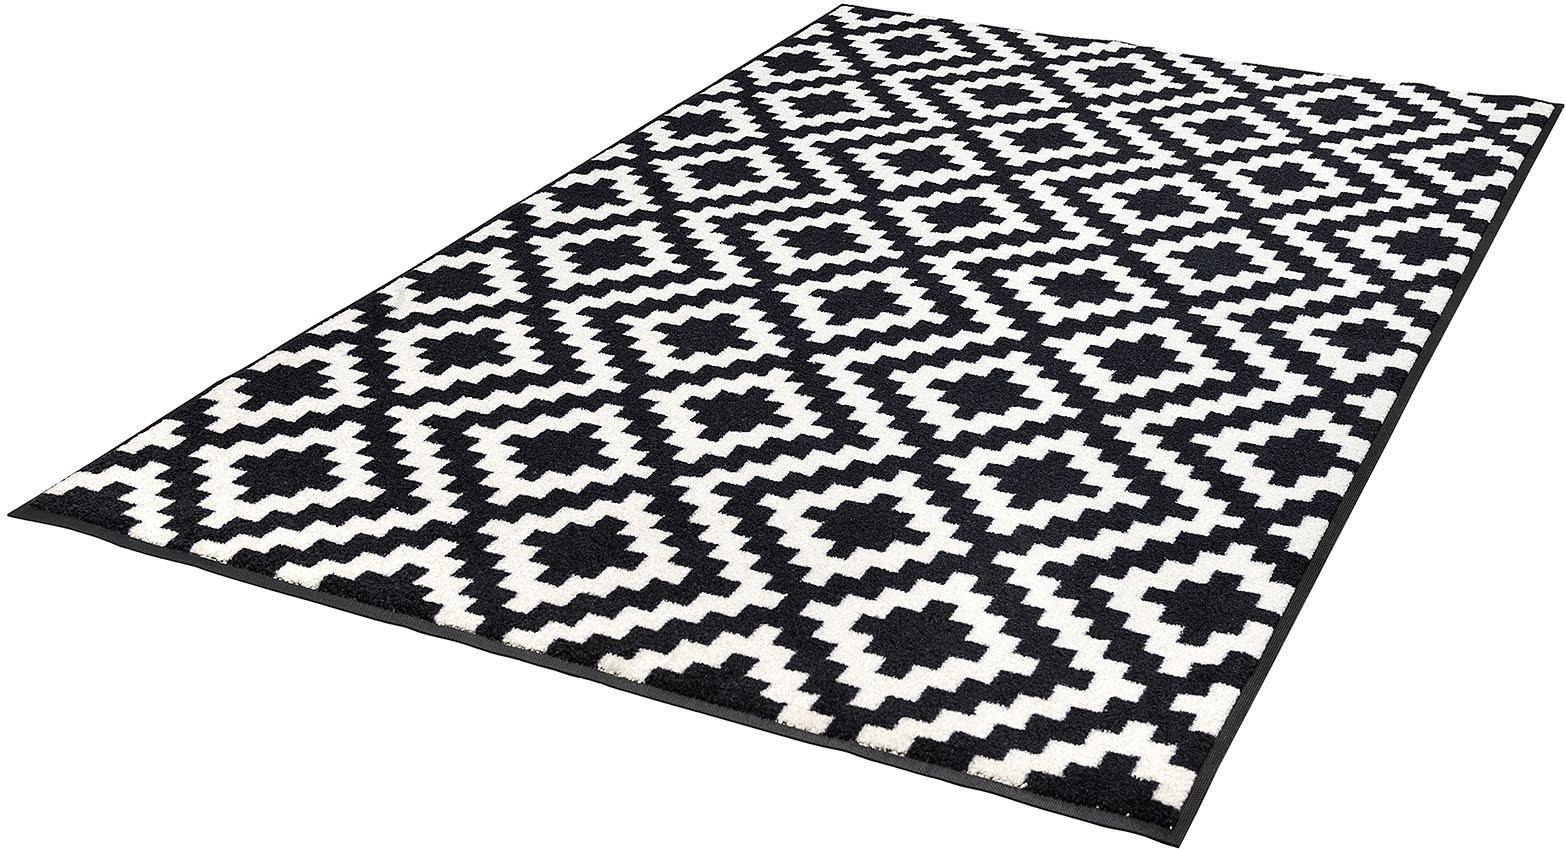 Teppich Kalmar wash+dry by Kleen-Tex rechteckig Höhe 7 mm gedruckt